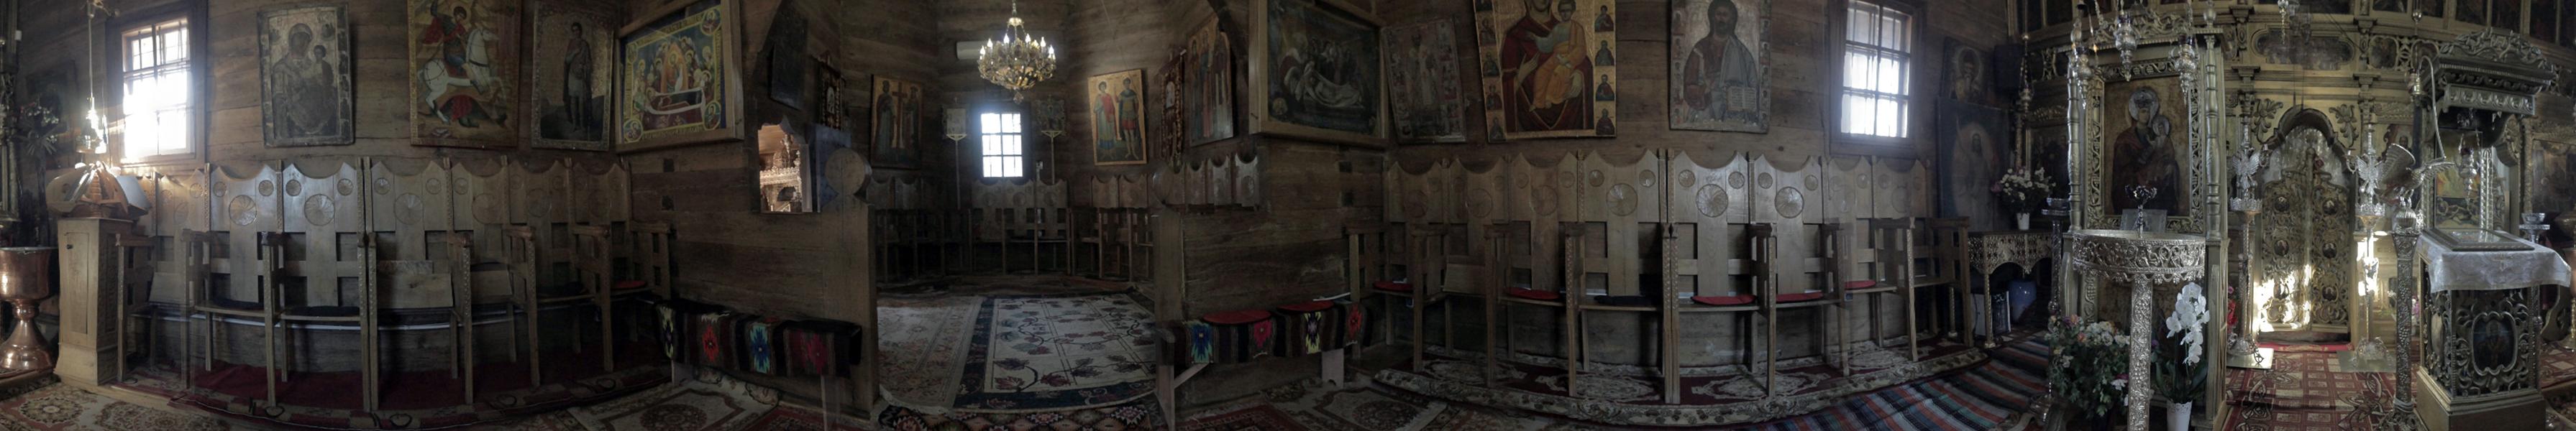 """Bisericuța de lemn """"Adormirea Maicii Domnului"""""""